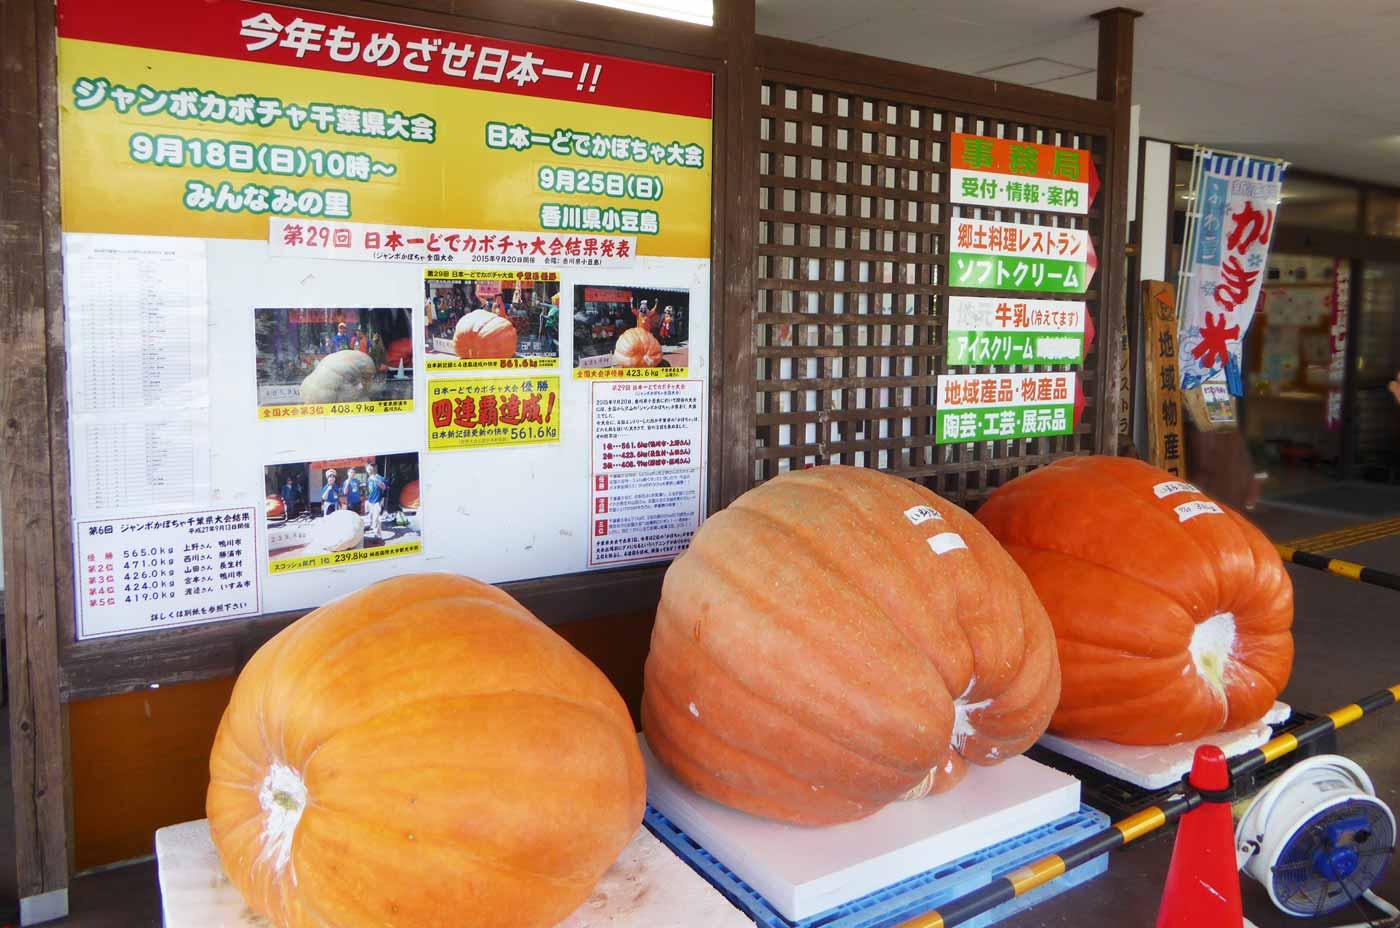 巨大かぼちゃの画像